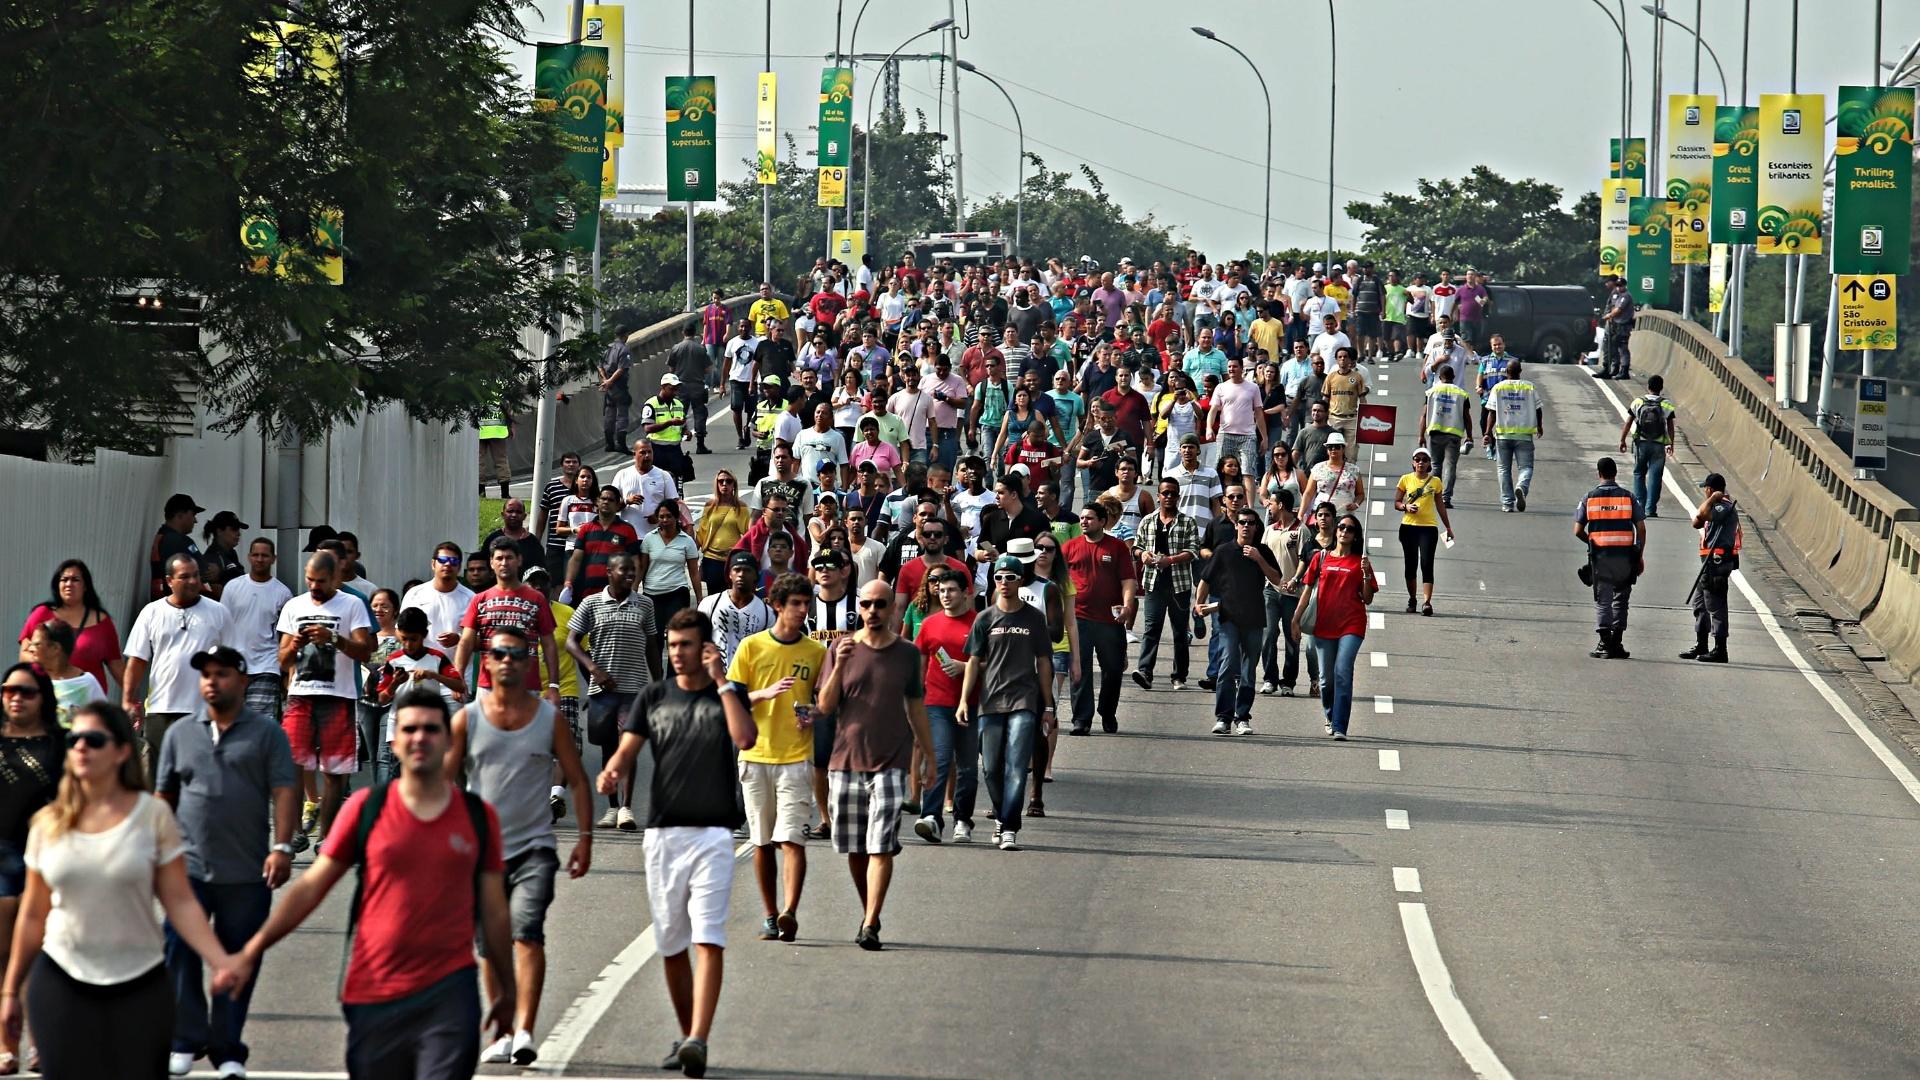 20.junho.2013 - Torcida começa a chegar ao Maracanã para acompanhar a partida entre Espanha e Taiti